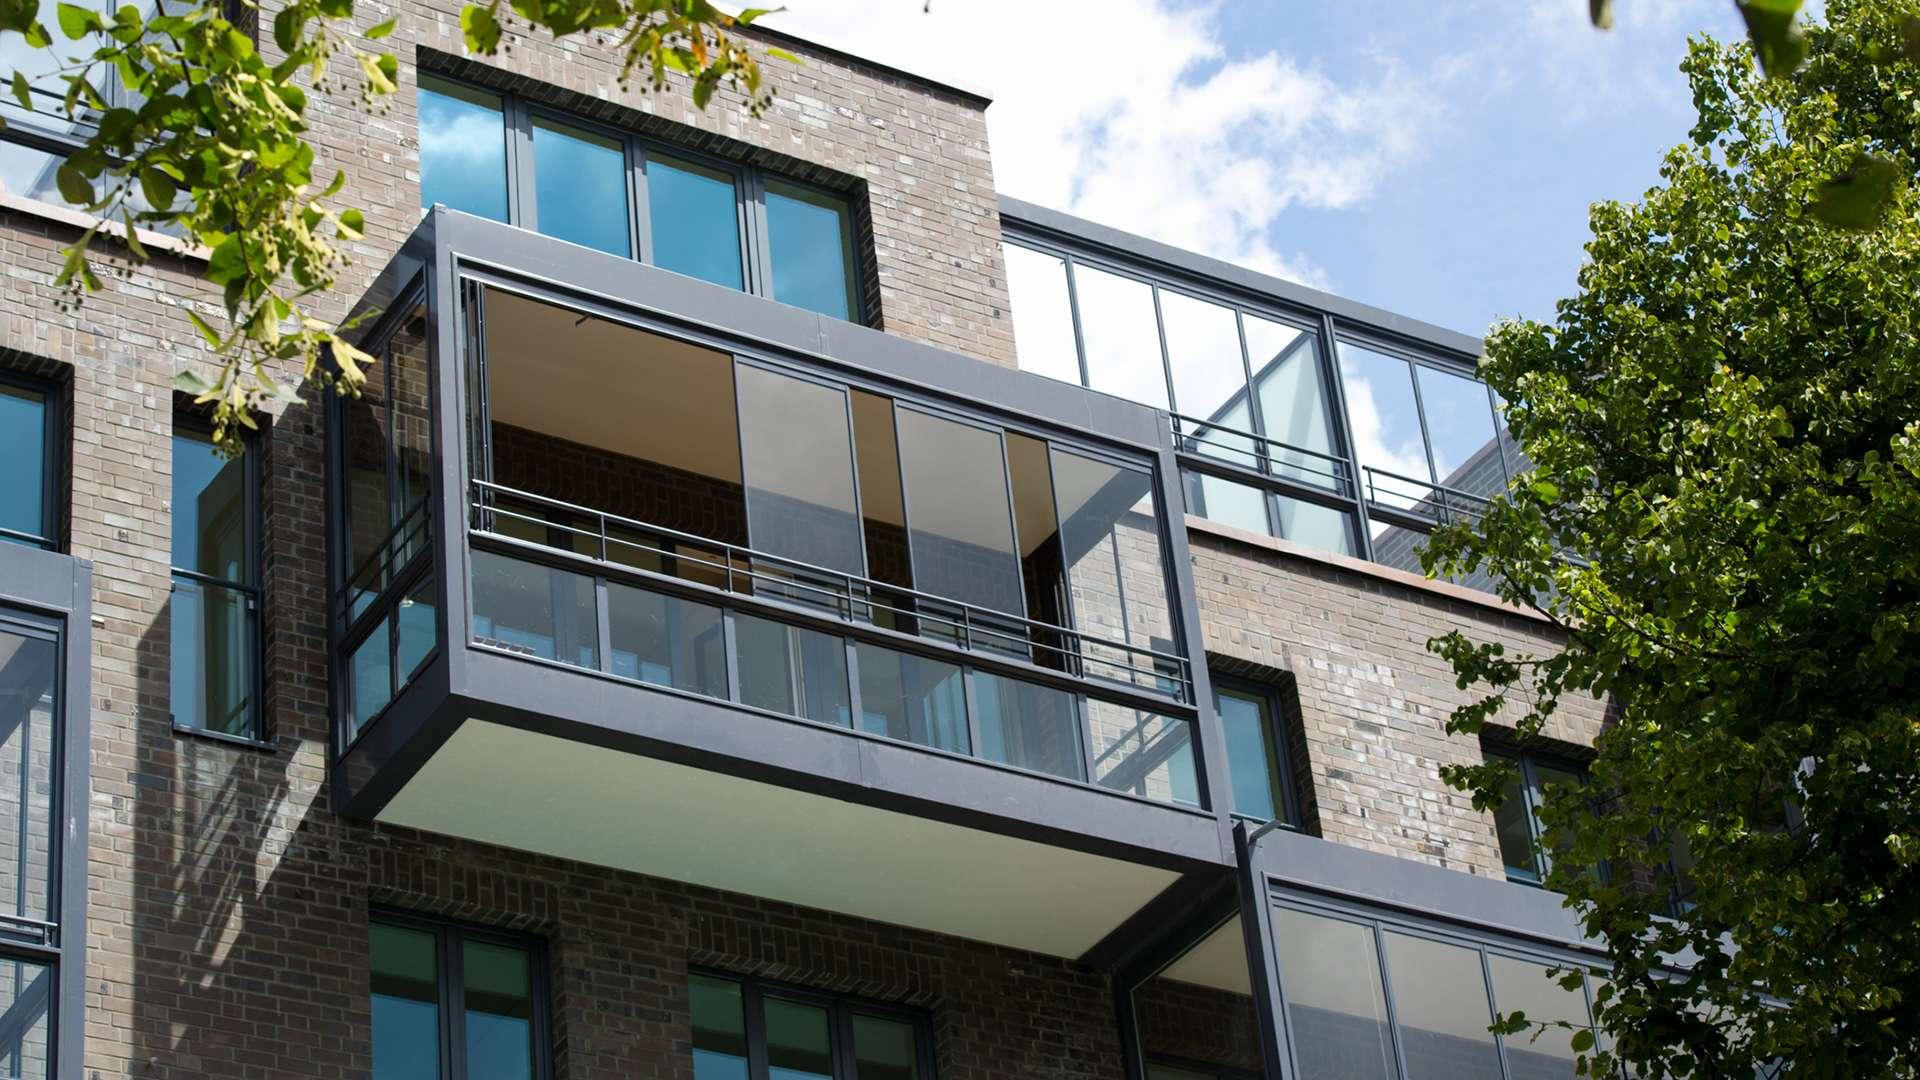 Balkonverglasung in einem oberen Stockwerk an einen Mehrfamilienhaus